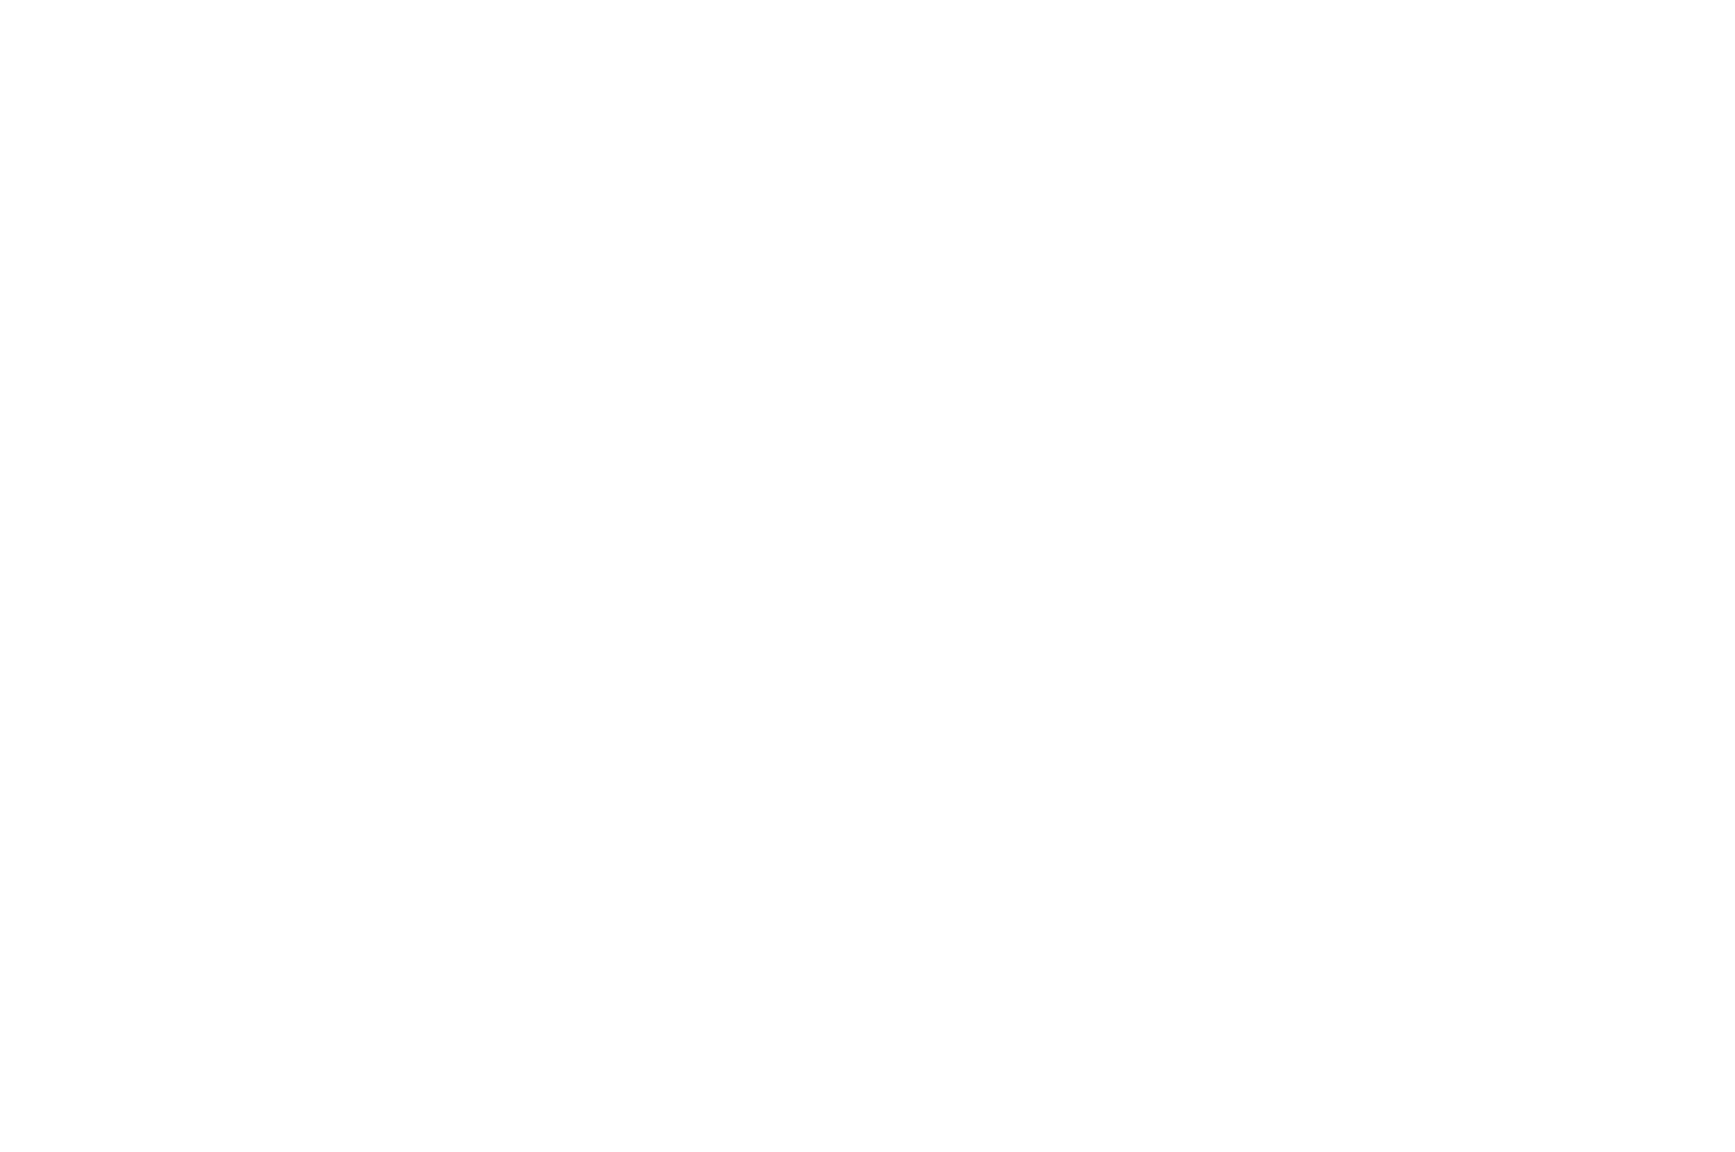 Seleccin Oficial - Sant Andreu de la Barca - International Film Festival (1).png